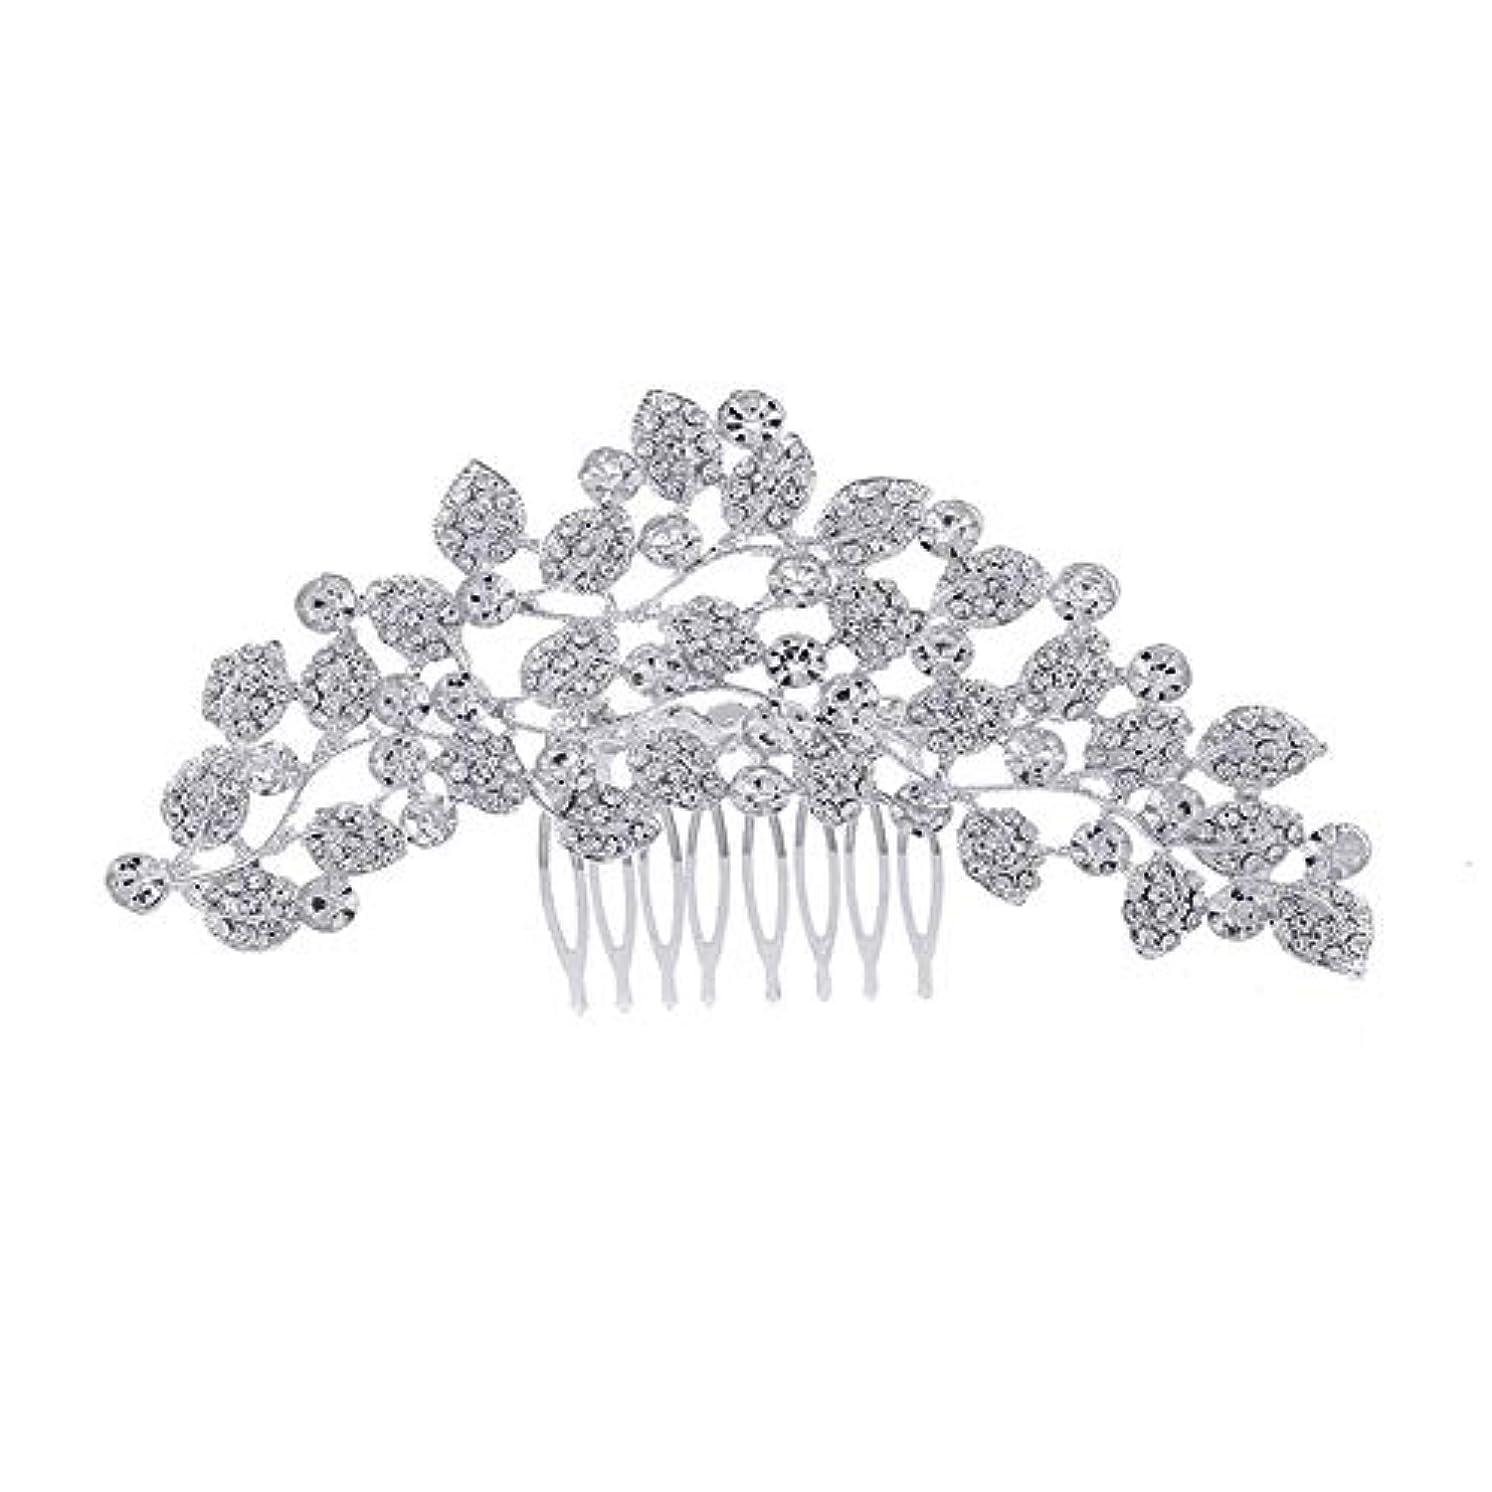 幅無能またね髪の櫛、櫛、ブライダル髪、櫛、髪の櫛、ラインストーンの櫛、葉の髪の櫛、結婚式の髪の櫛